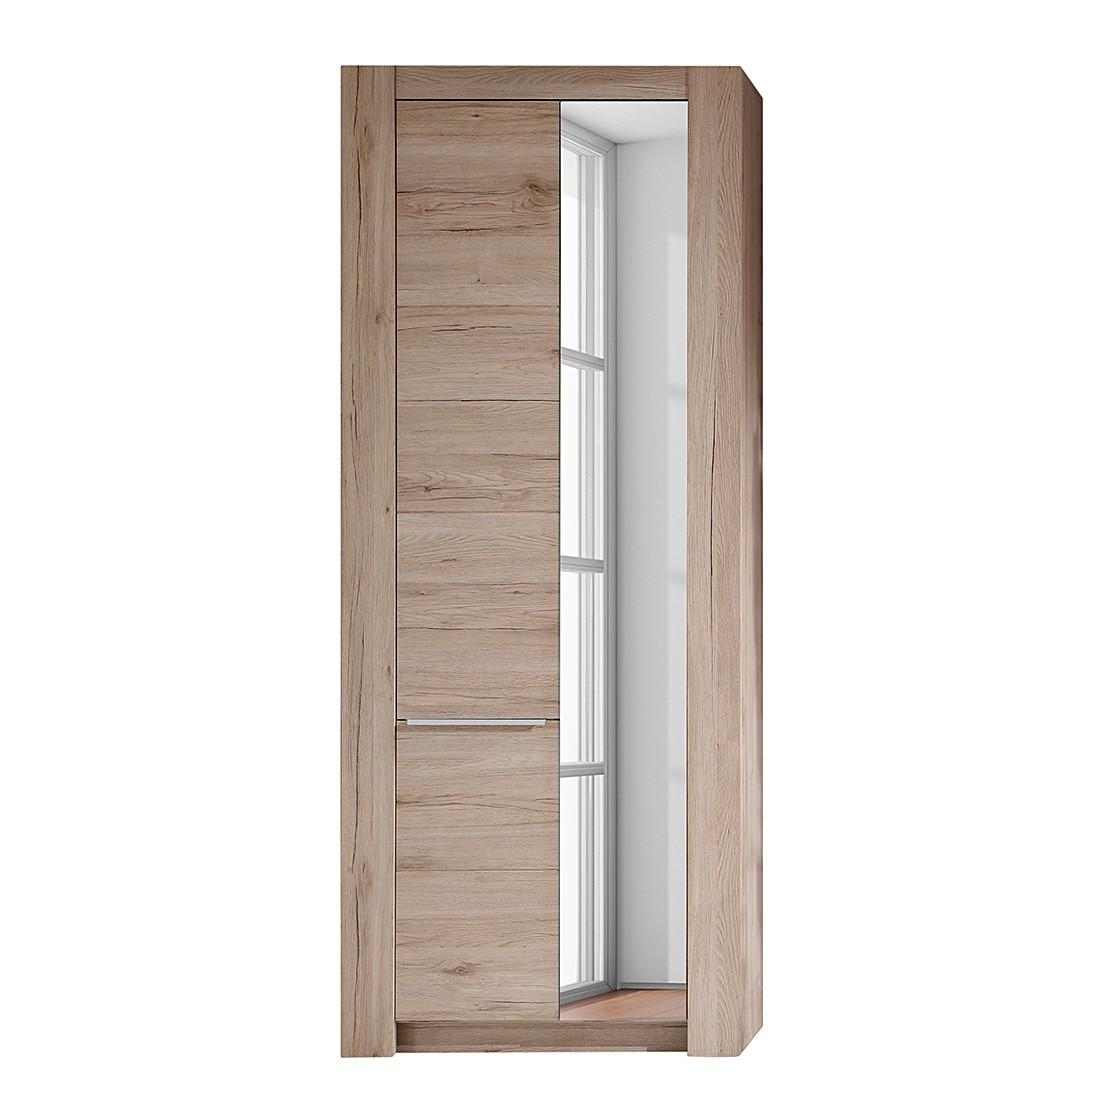 EEK A+, Armoire de vestibule Winburg - Imitation chêne de Sonoma - Avec miroir, Trendteam